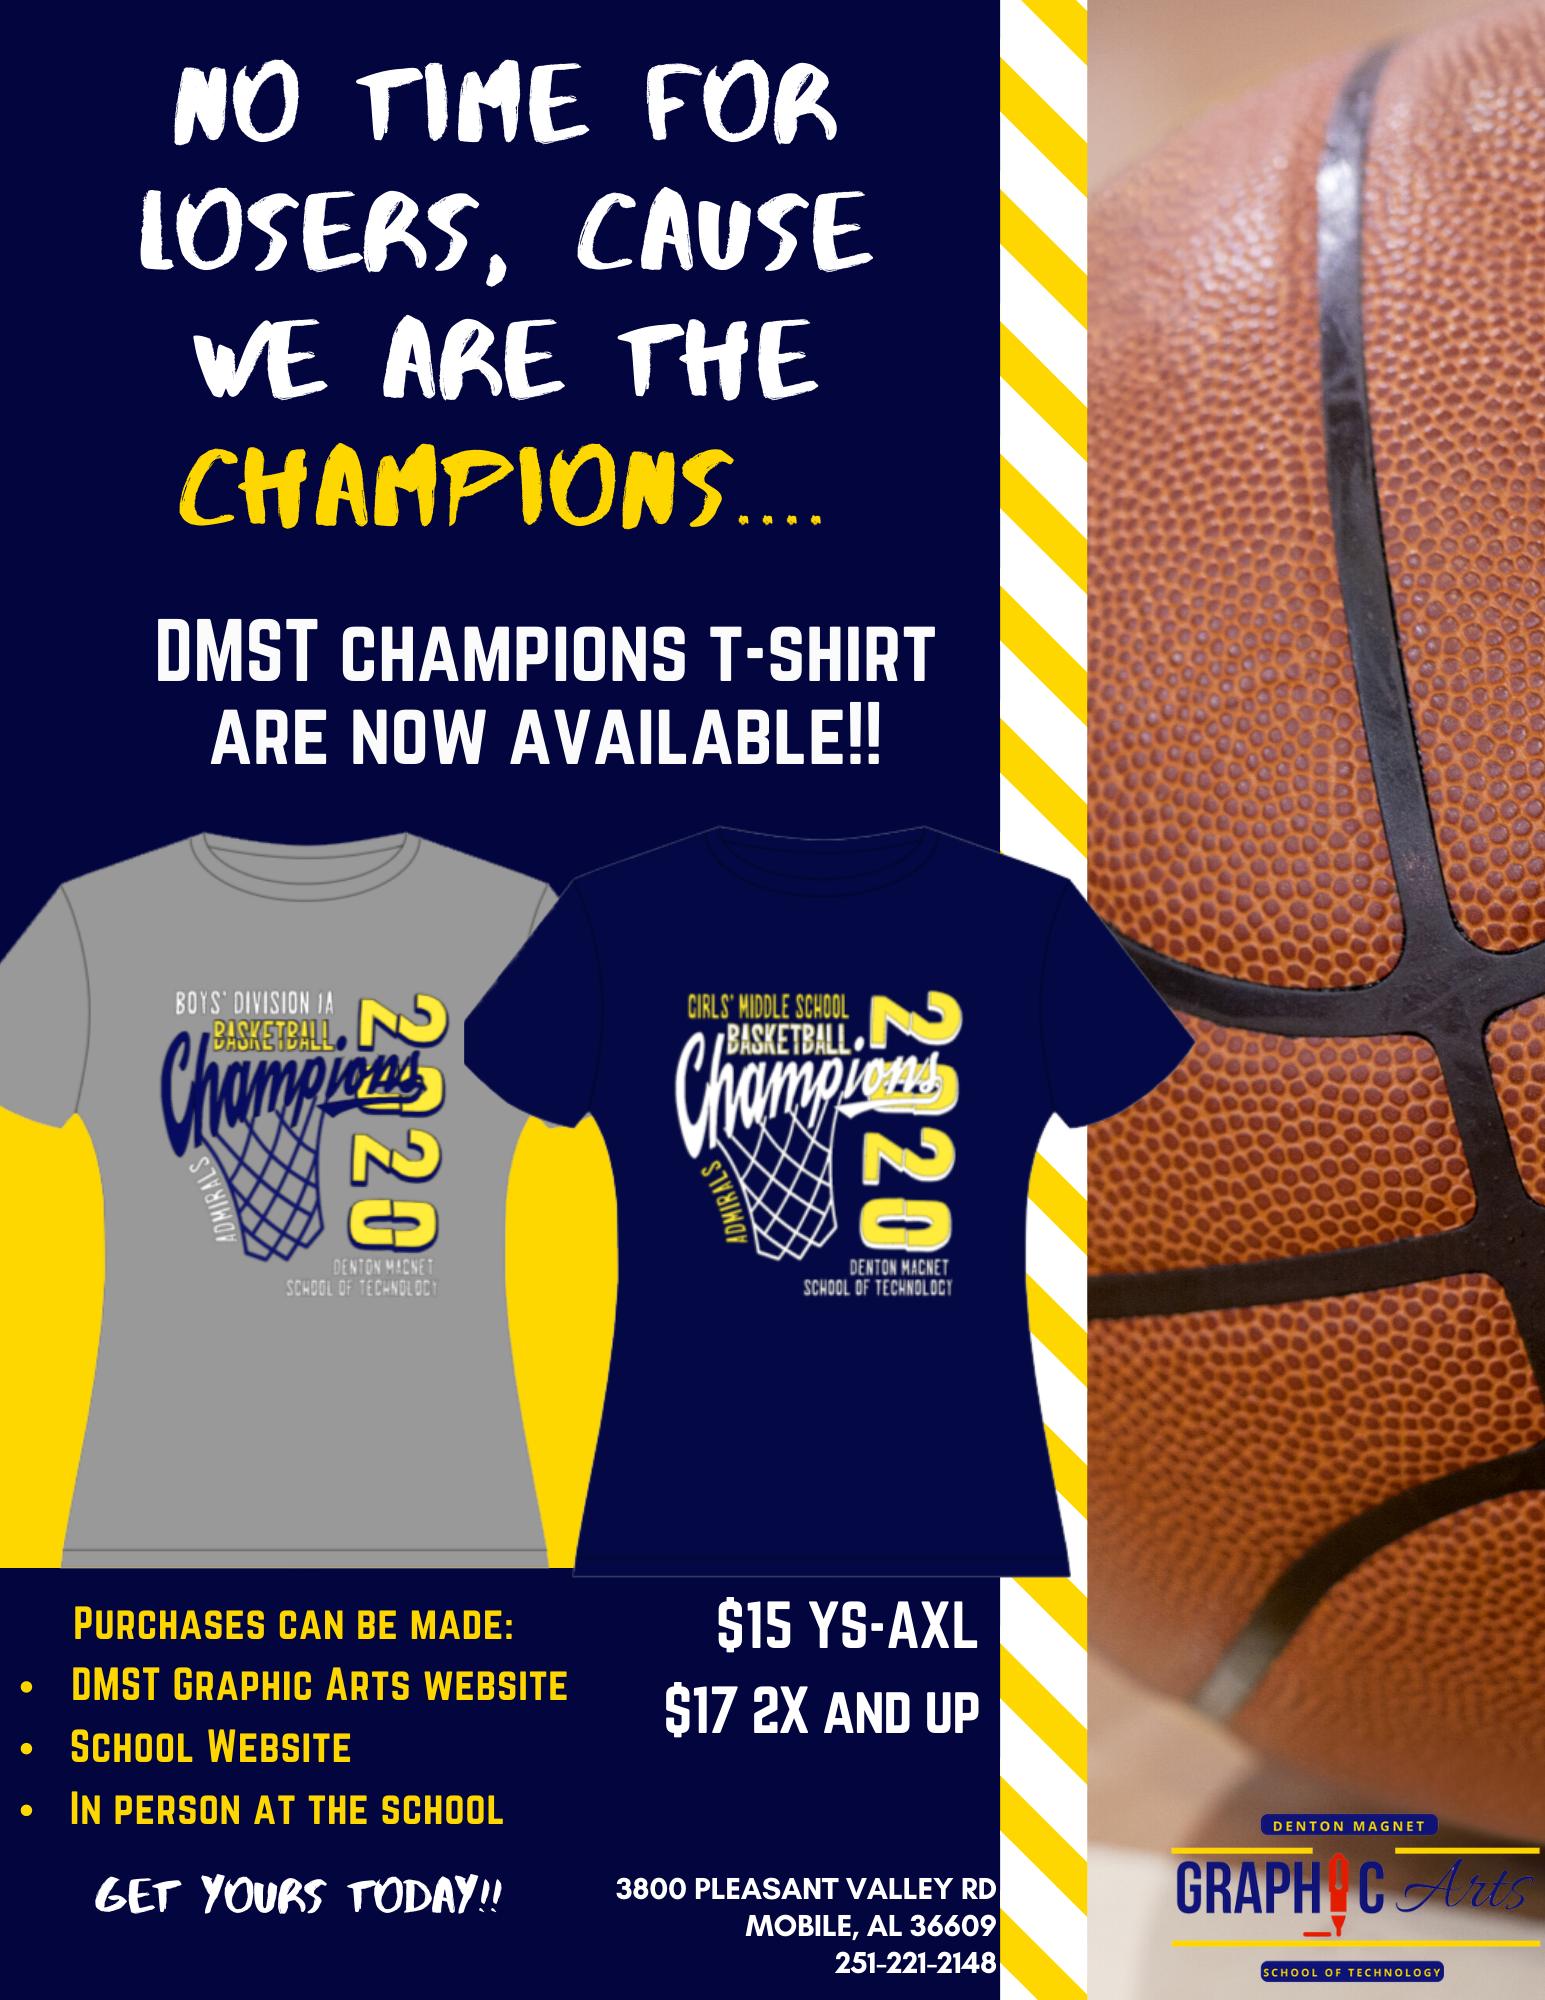 Basketball championship shirts for sale